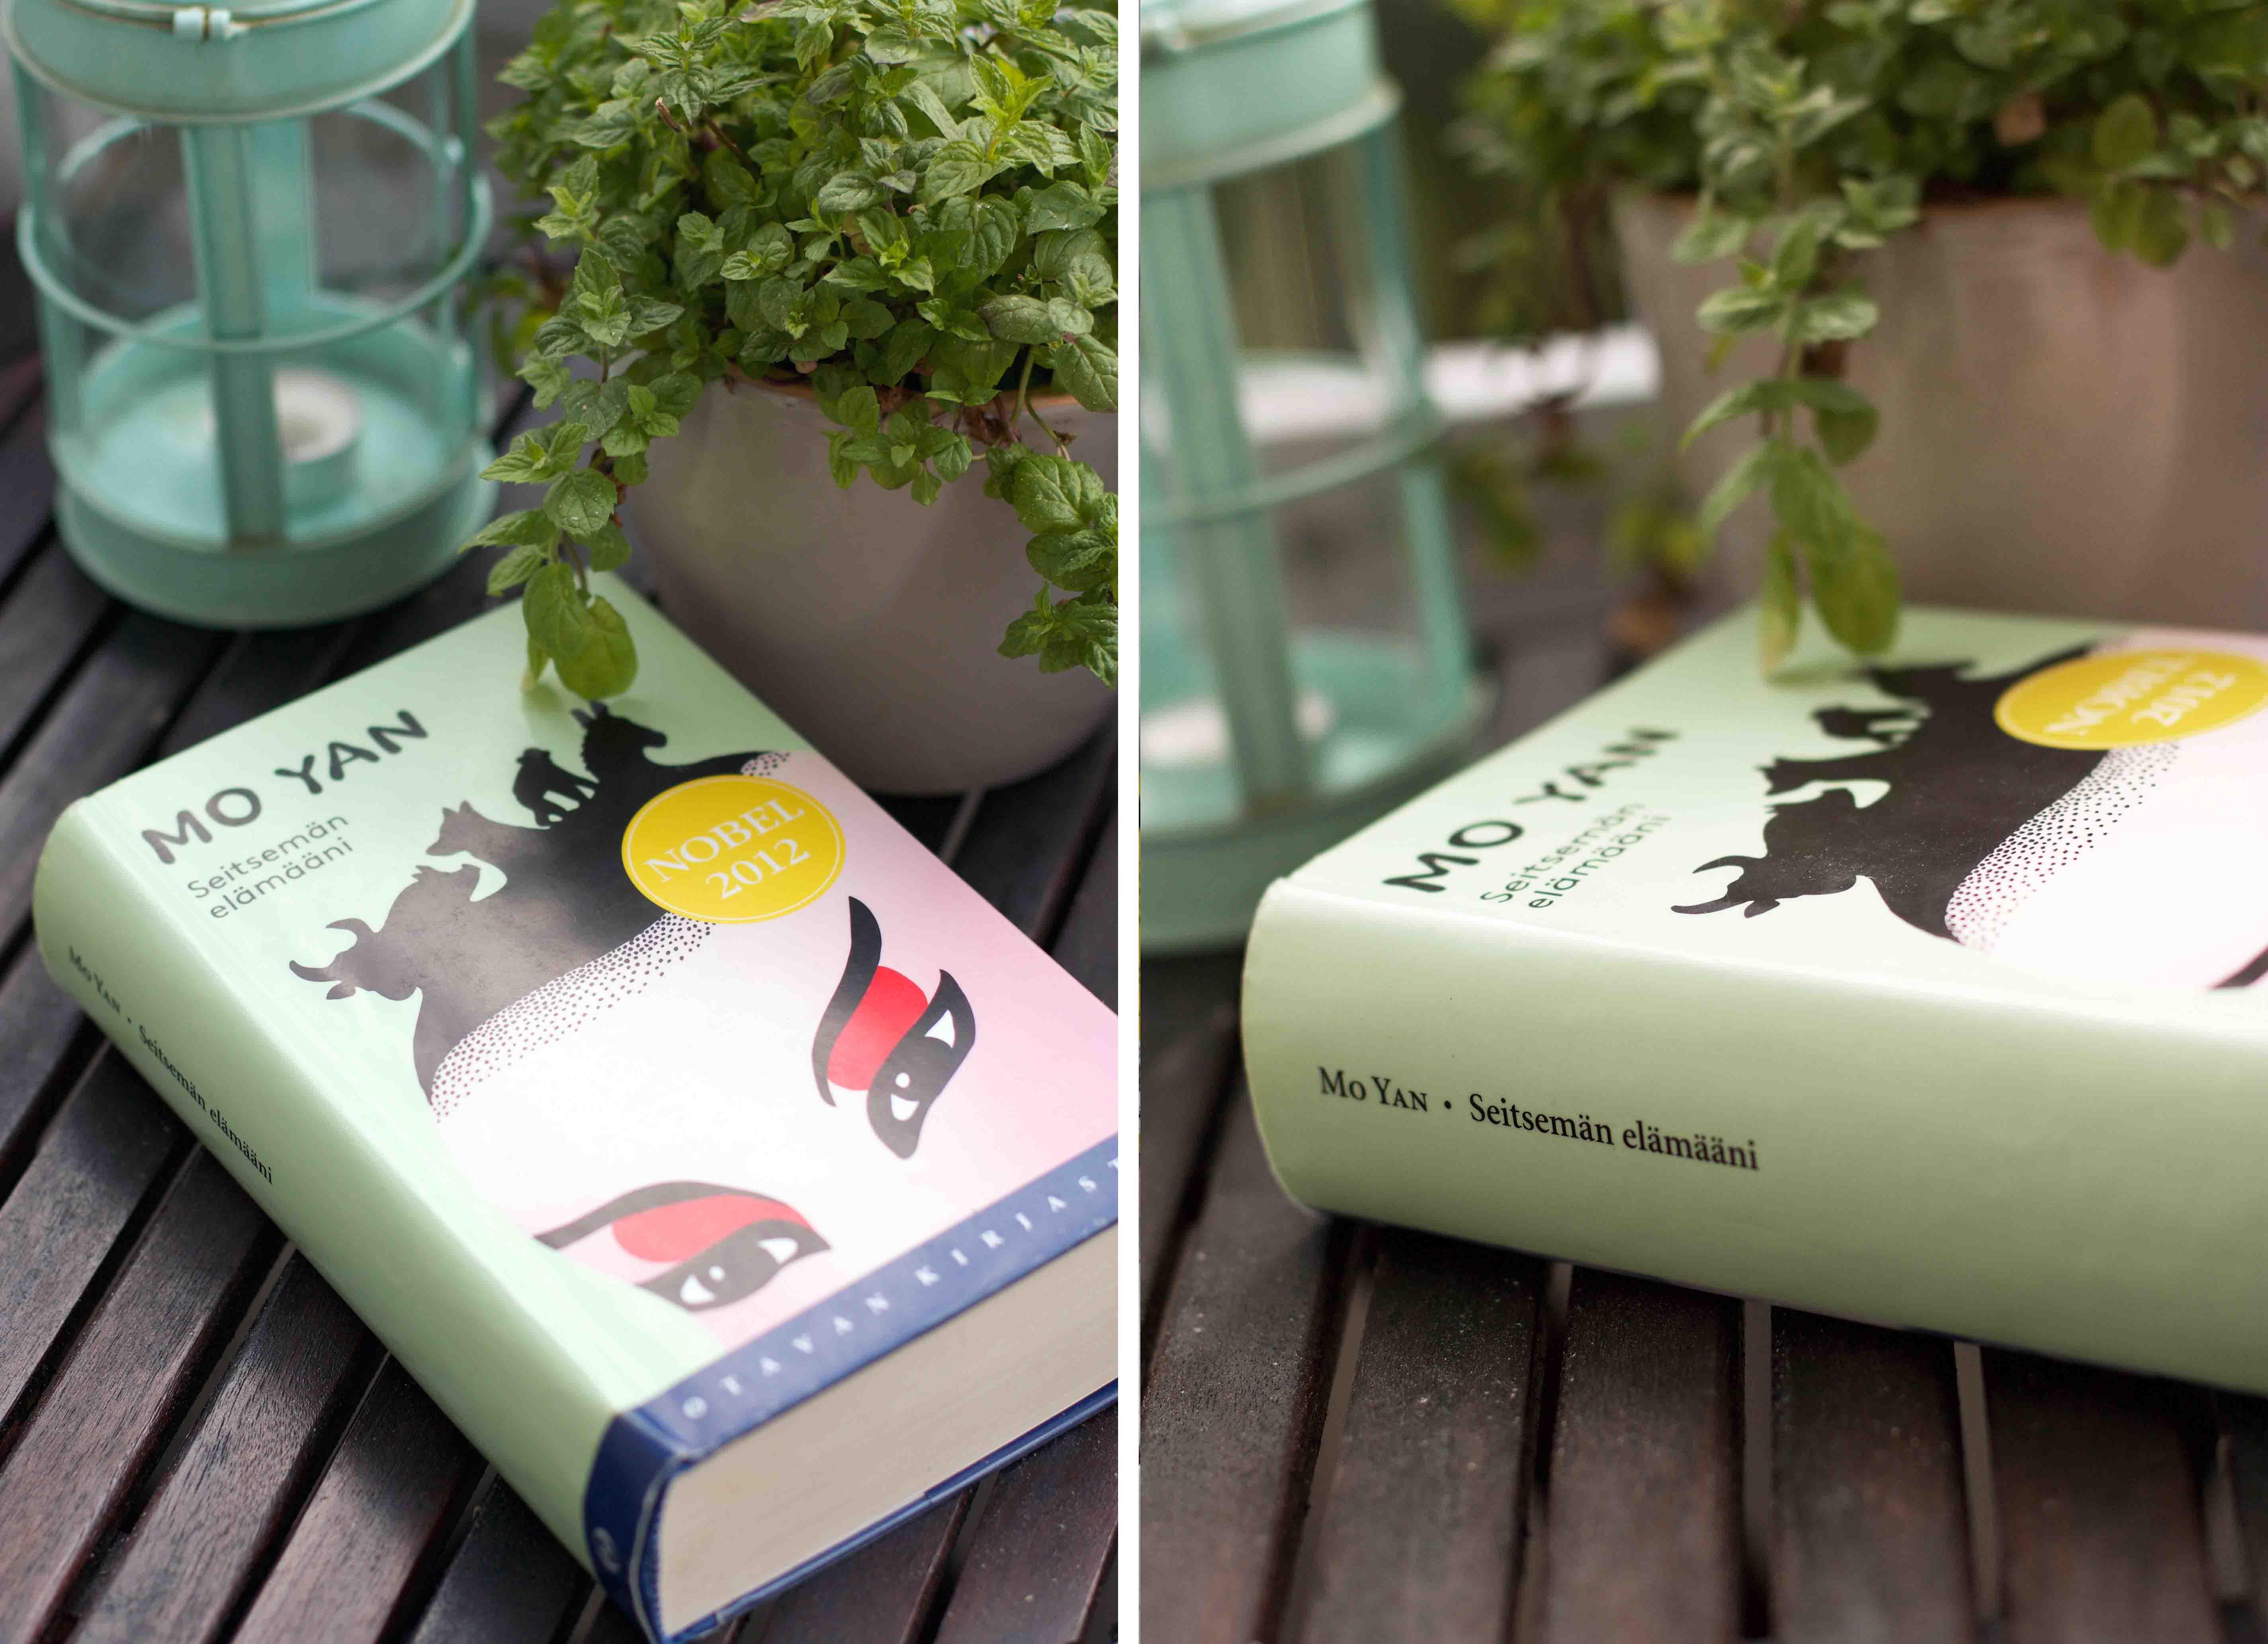 Kirja jota luin kolme kuukautta – Mo Yan: Seitsemän elämääni